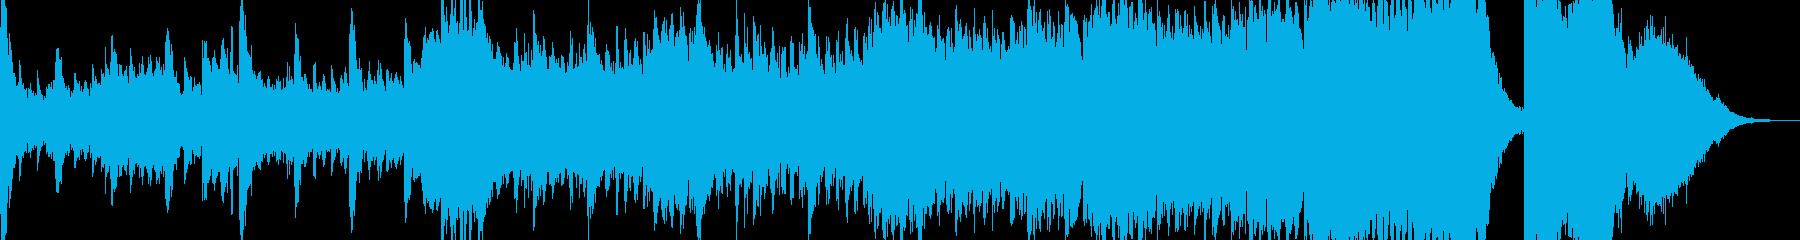 ストリングスの迫力が凄まじいクラシックの再生済みの波形